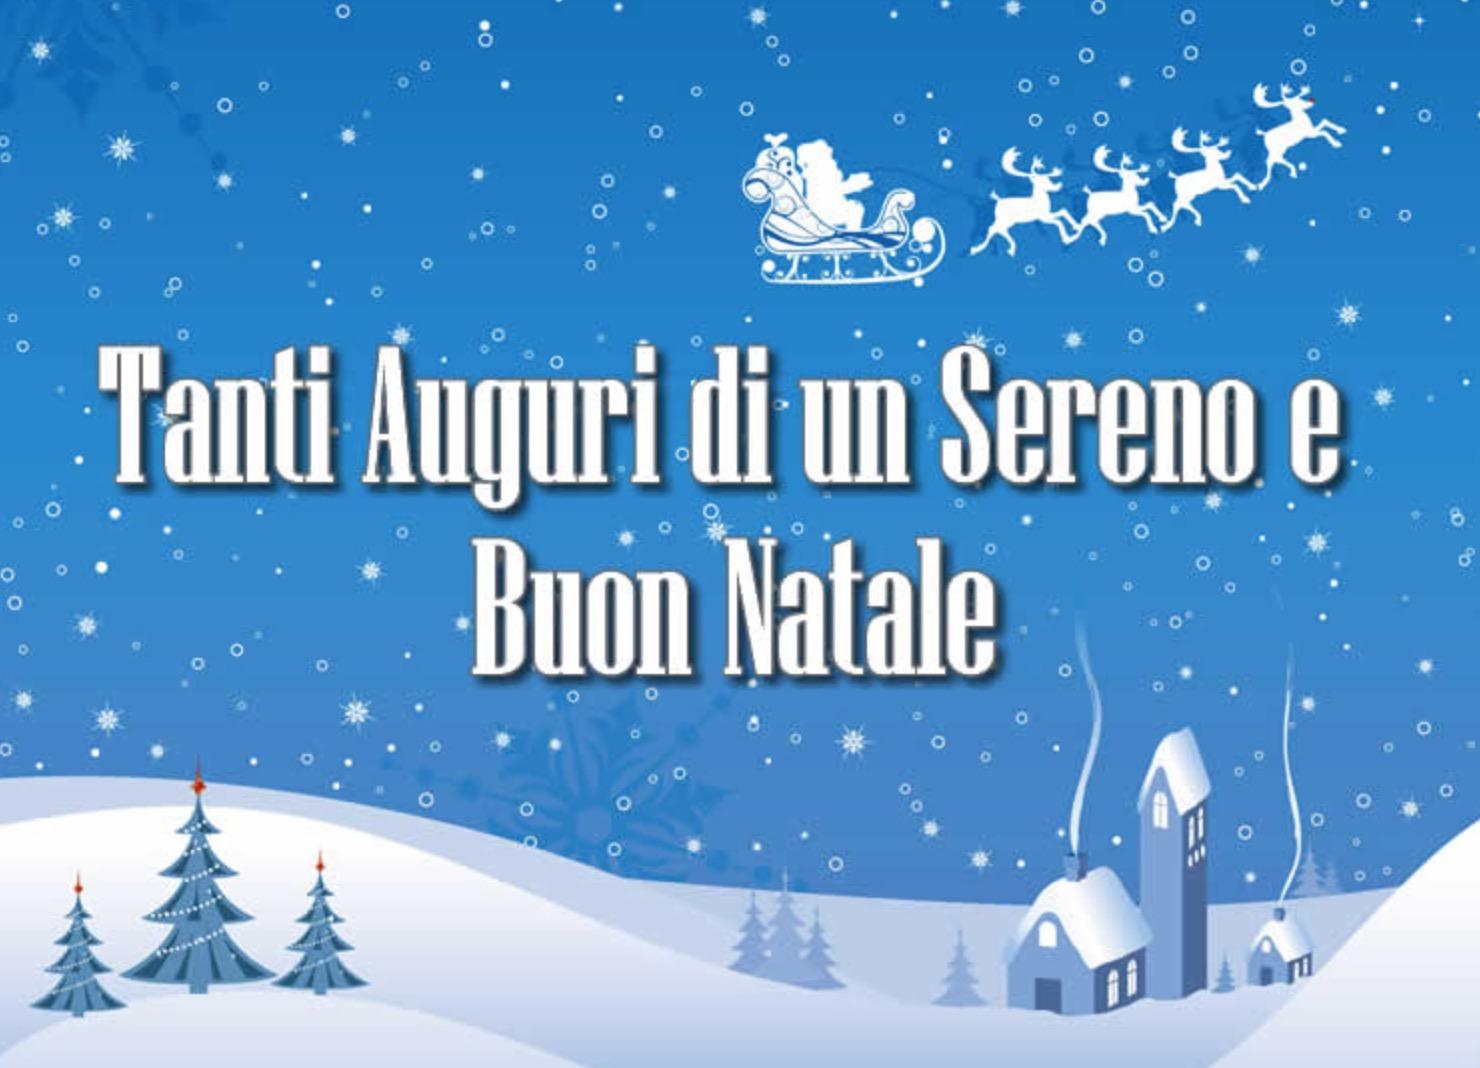 Sereno e Buon Natale